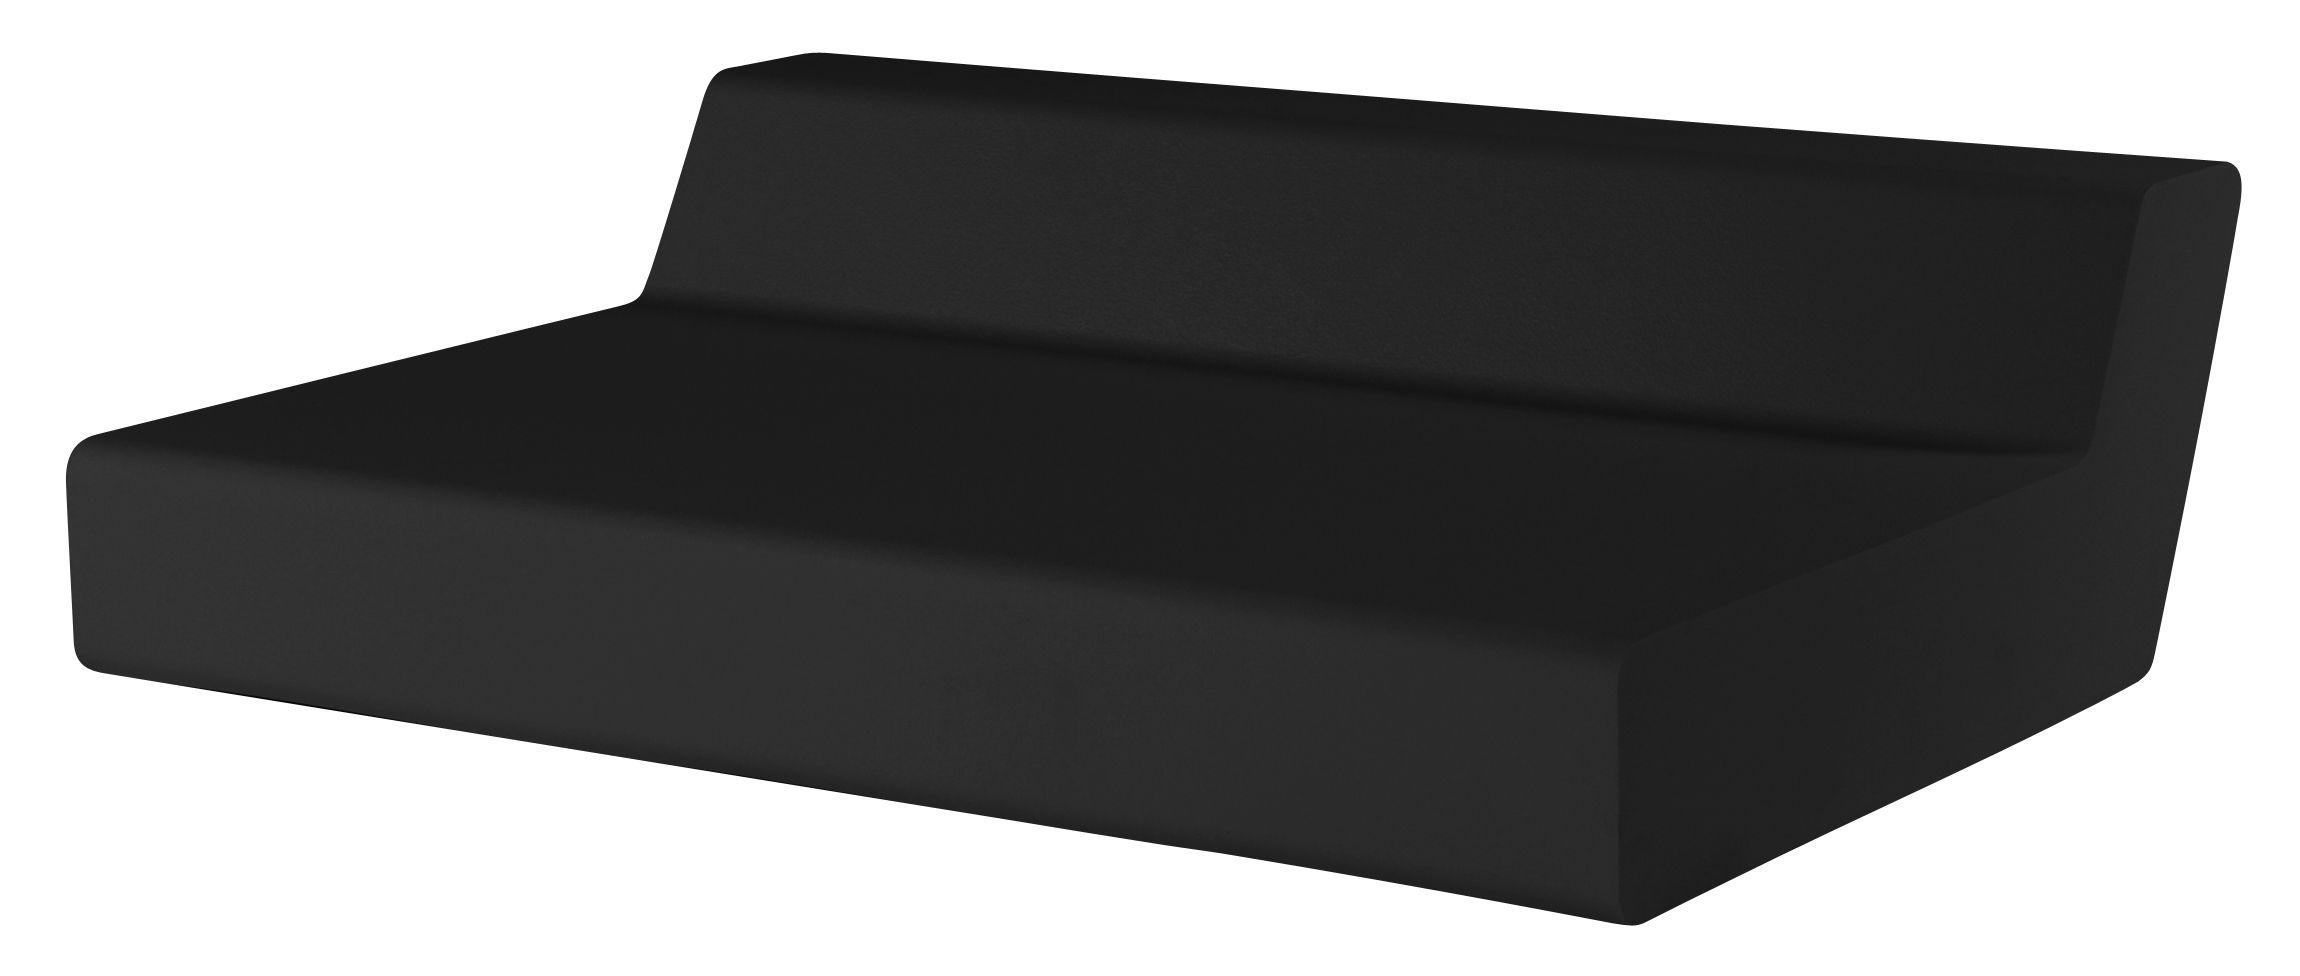 Mobilier - Canapés - Canapé droit Matrass Seat 150 / 2 places - L 150 x H 20 cm - Quinze & Milan - Noir - Mousse de polyuréthane